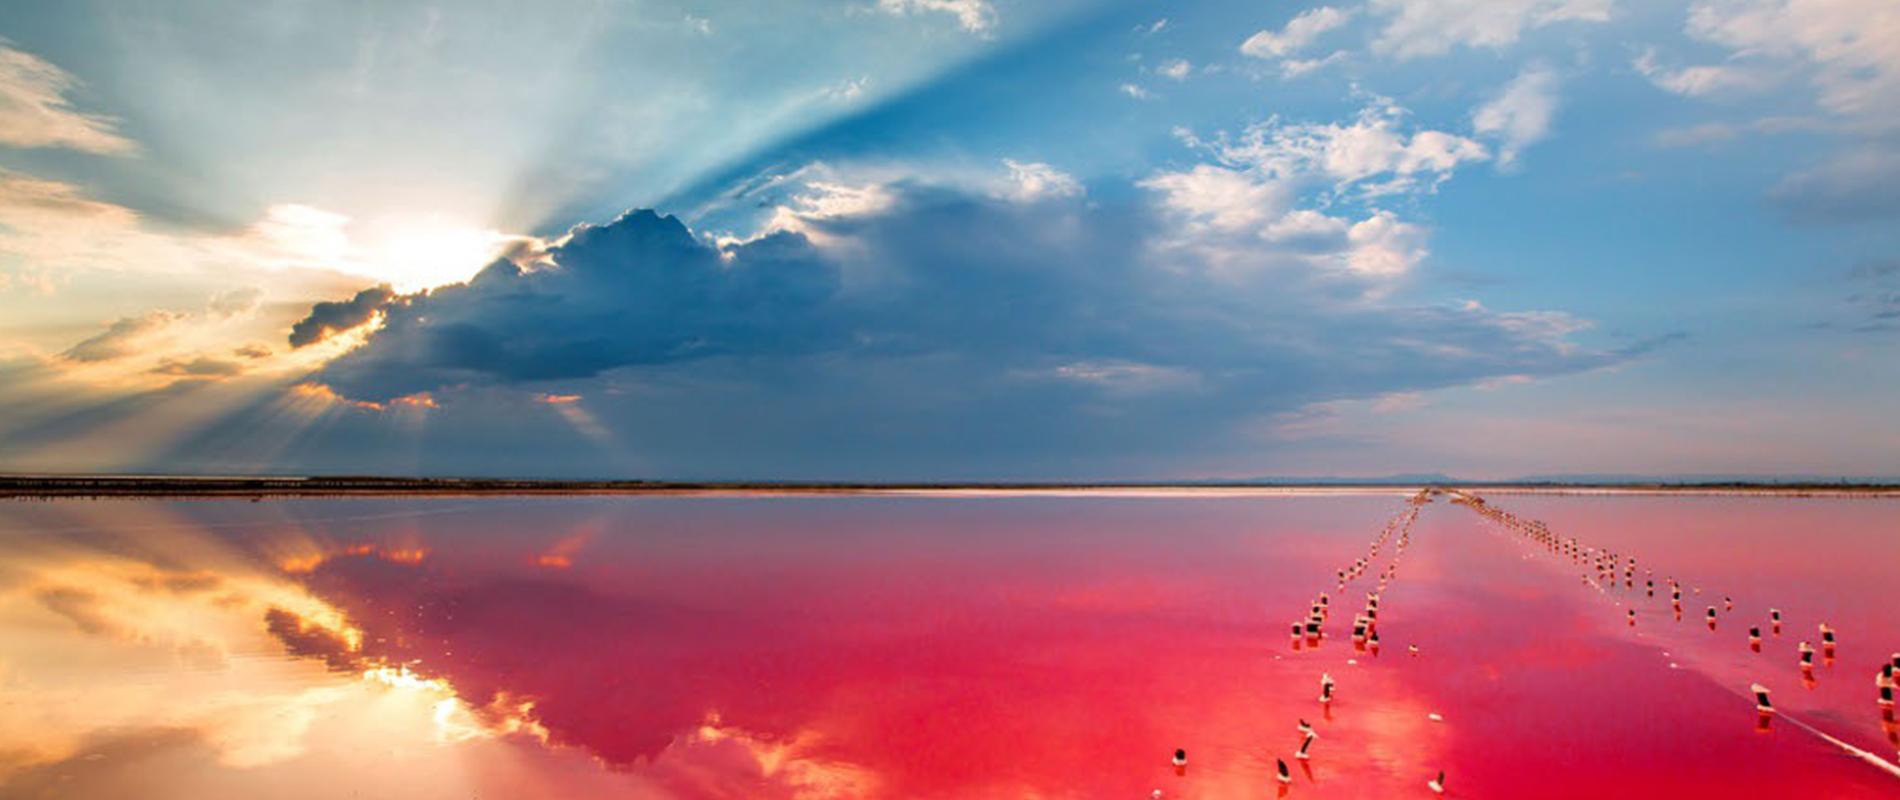 Sivash, lo specchio d'acqua dai colori misteriosi